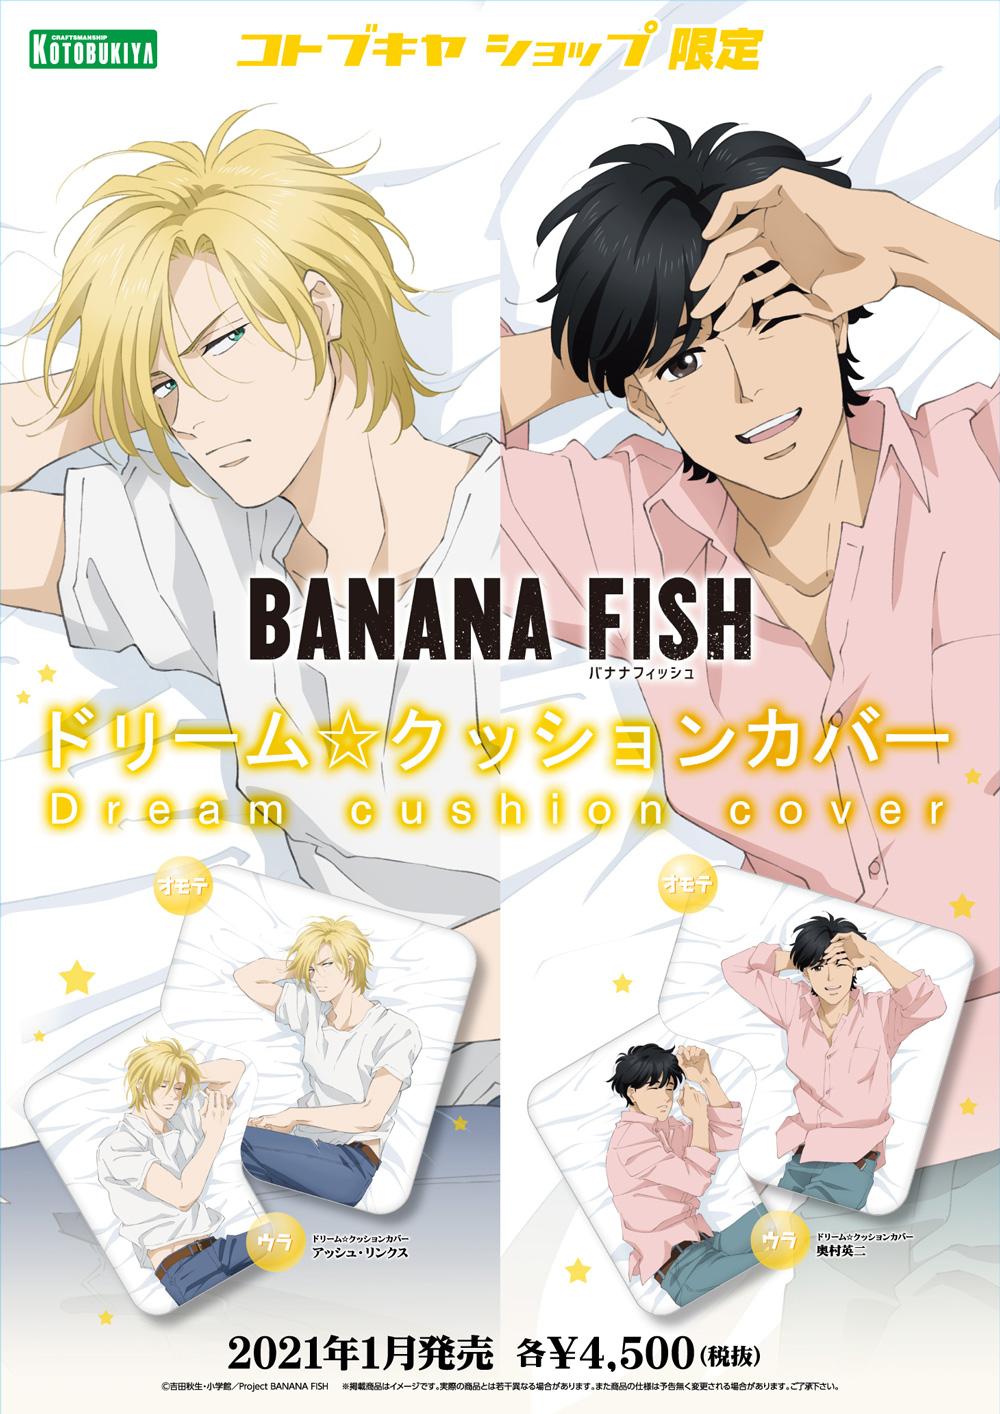 『BANANA FISH』添い寝気分を味わえるアッシュ&英二のクッションカバーが登場!表には起きている表情、裏には寝顔